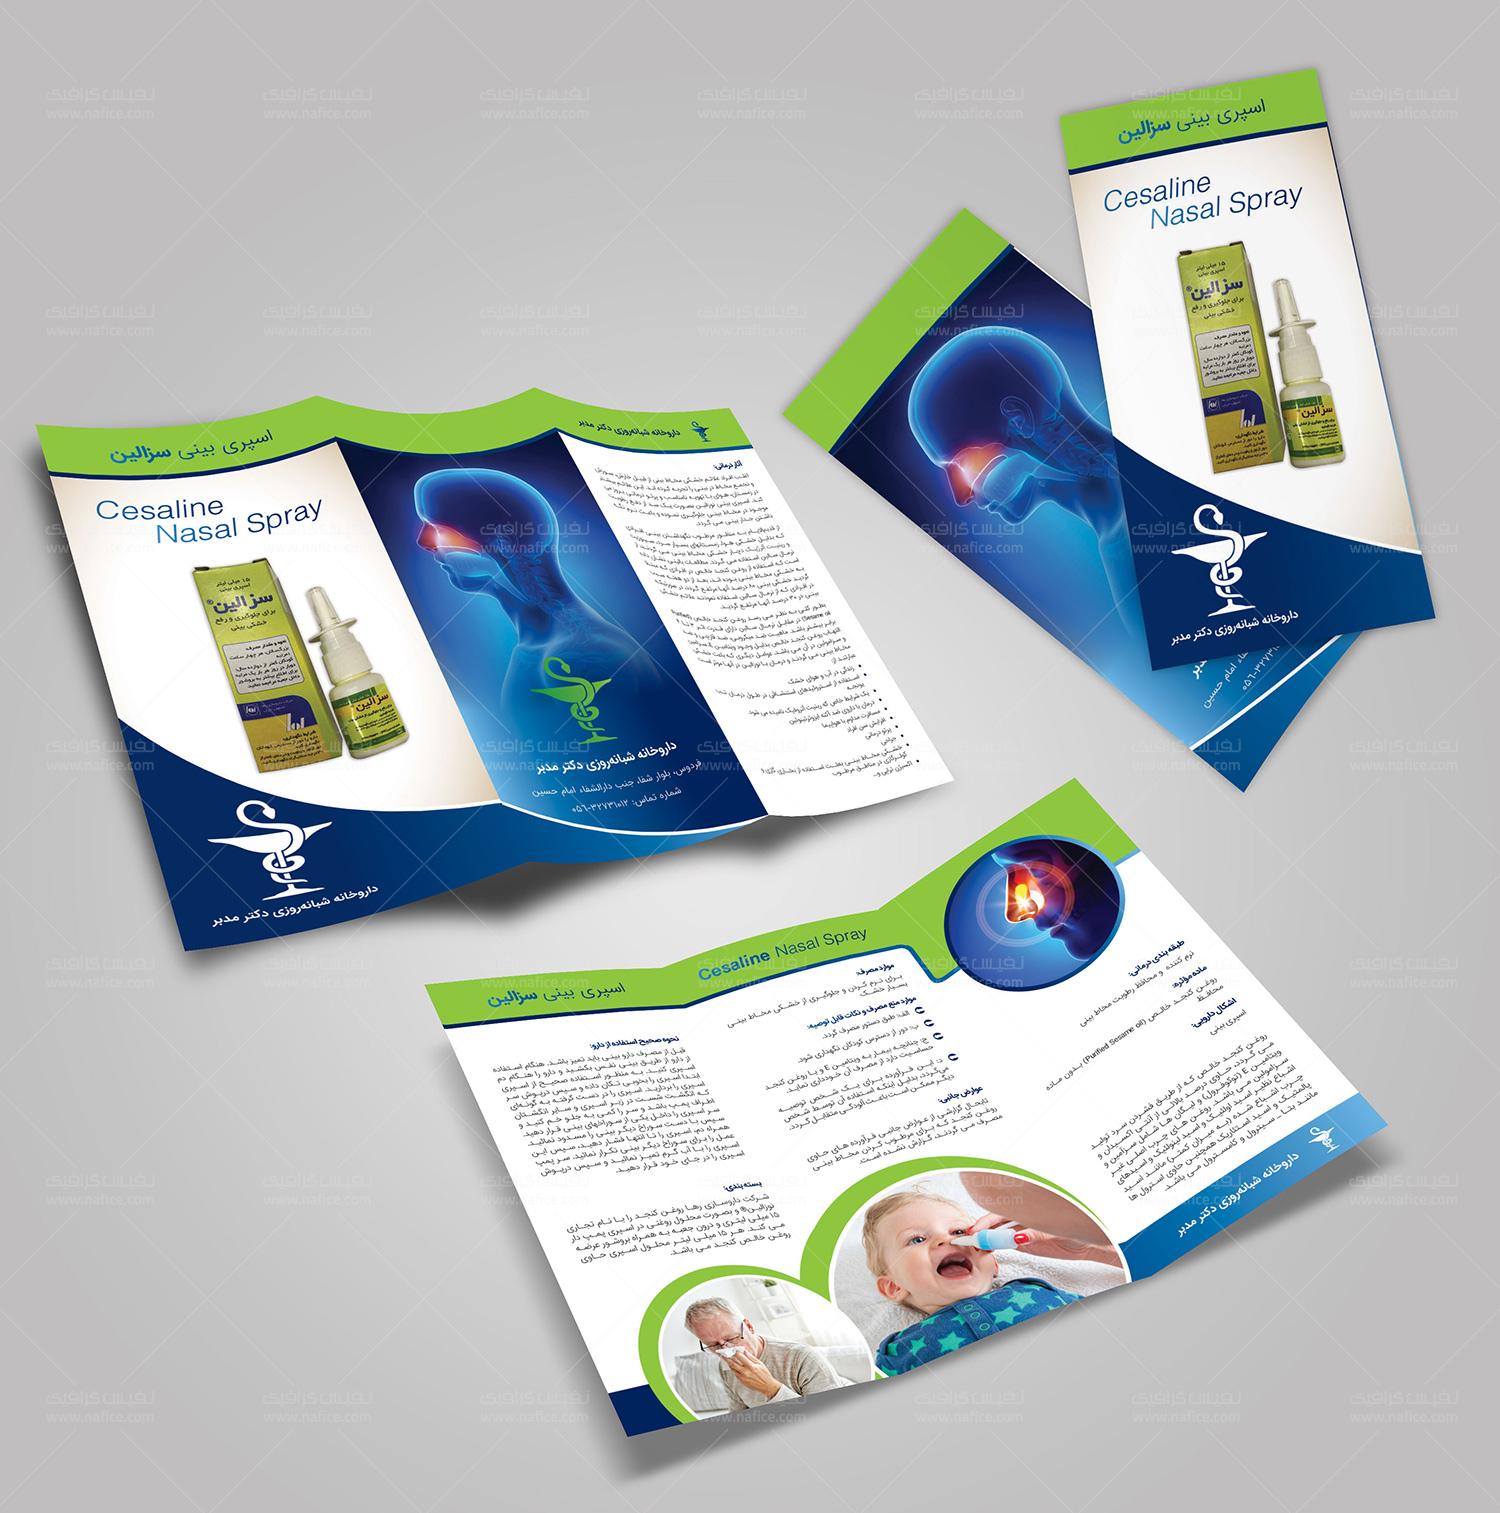 طراحی بروشور 3 لت دارویی داروخانه دکتر مدبر- 2 طرح -  -